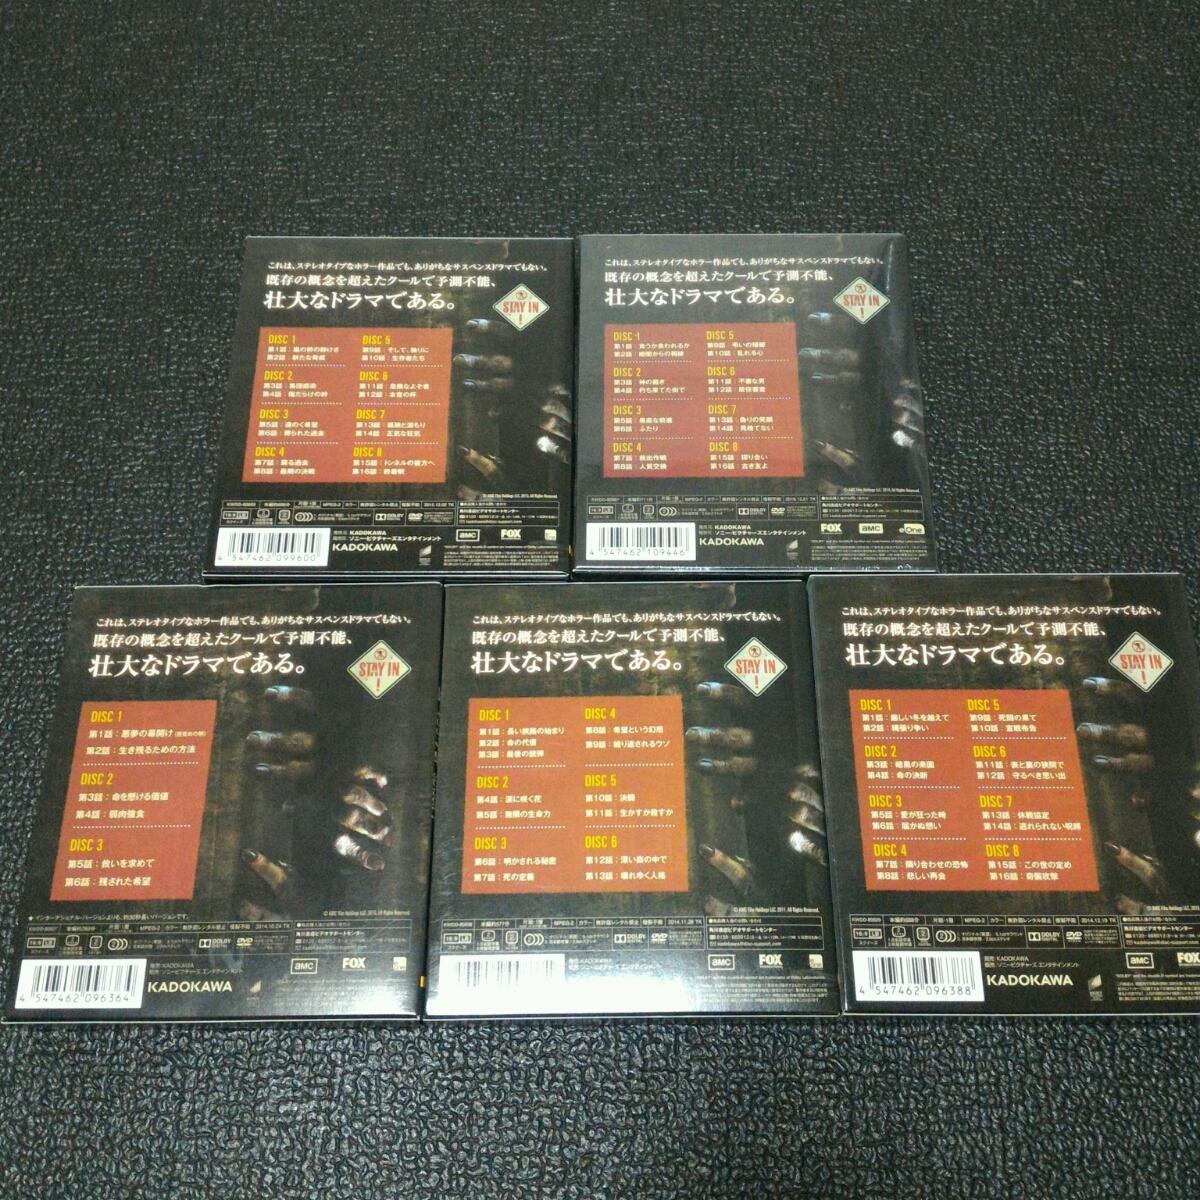 【極美品】 ウォーキングデッド コンパクト DVD BOX 1~5シーズン 全話 コンプリート 日本正規品 海外ドラマ 映画 洋画 大人気 外国映画_画像2